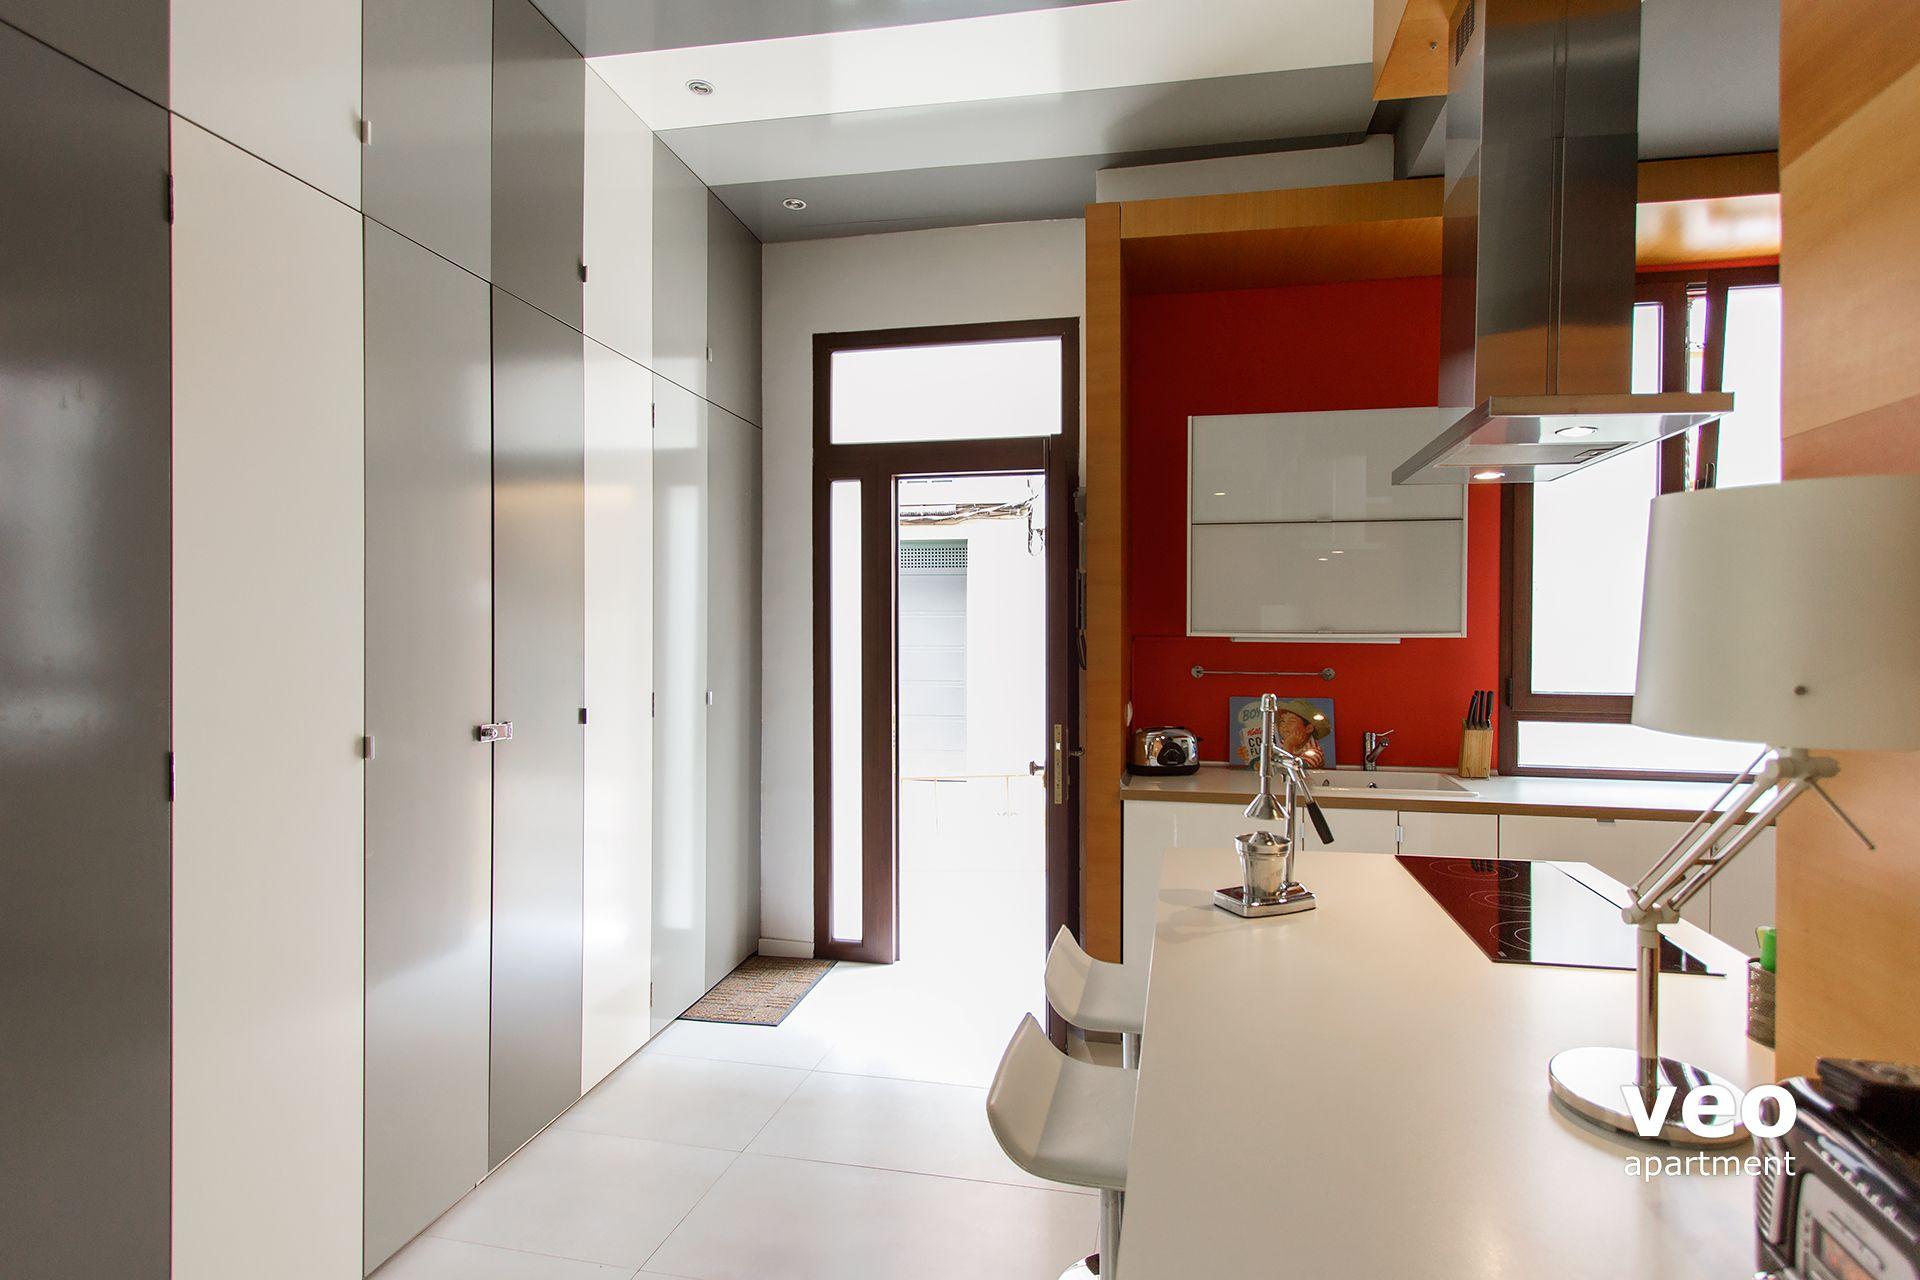 Sevilla apartmento calle bordador rodriguez sevilla espa a for Alquiler de apartamentos en sevilla espana